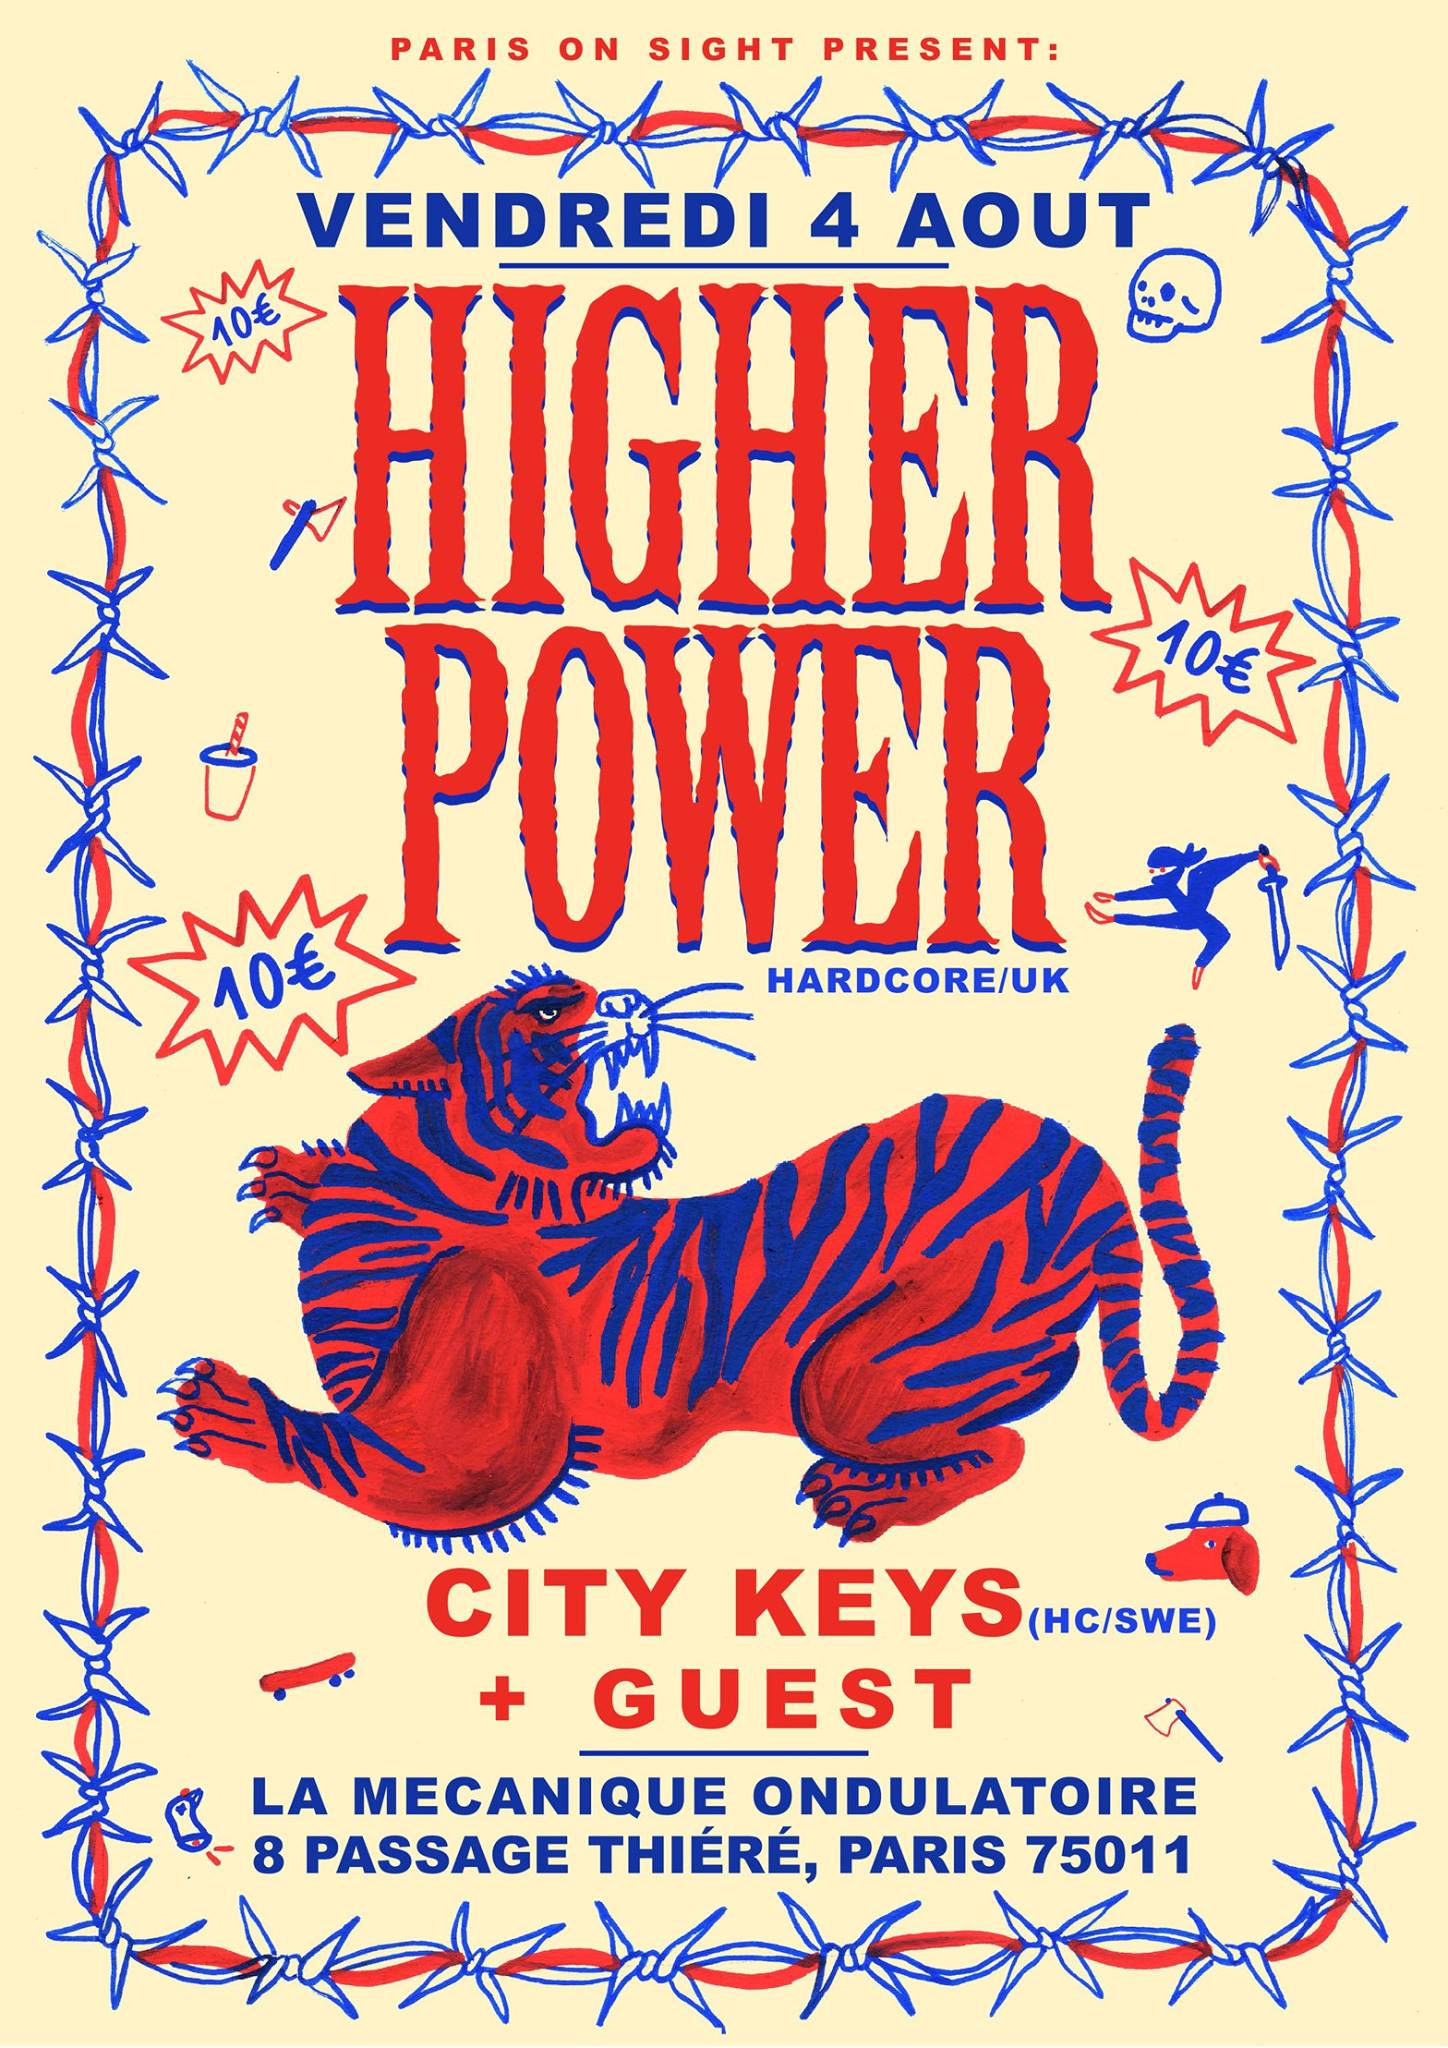 Higher Power + City Keys // 04.08